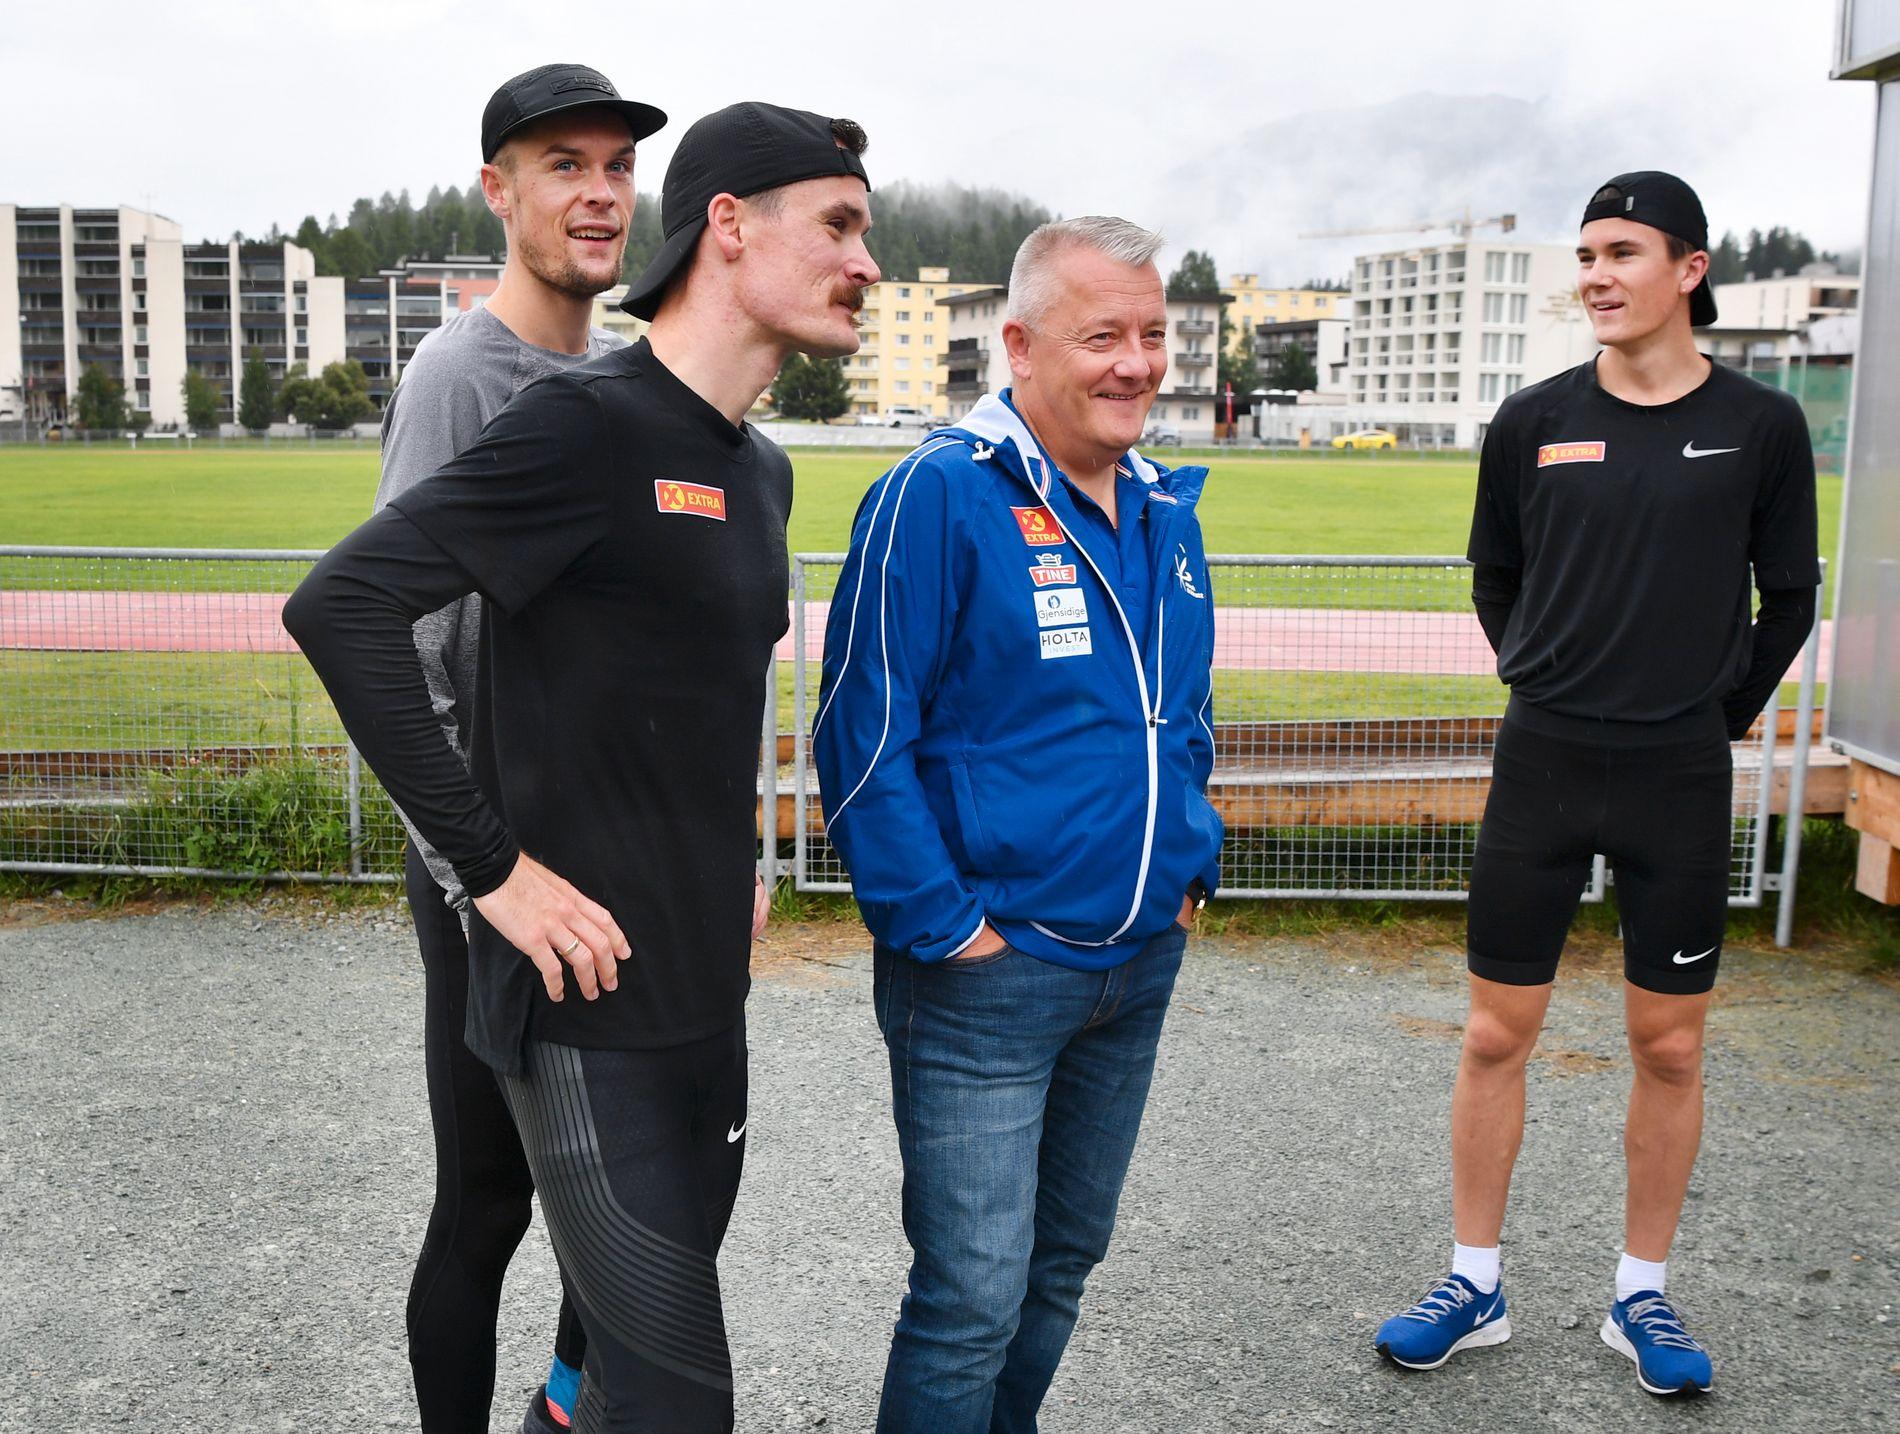 IKKE TEAM LENGER: Henrik Ingebrigtsen var sammen med brødrene Filip og Jakob og trenerpappa Gjert i St. Moritz for to uker siden. Nå har han endret VM-planen på grunn av sin kroniske hofteskade.